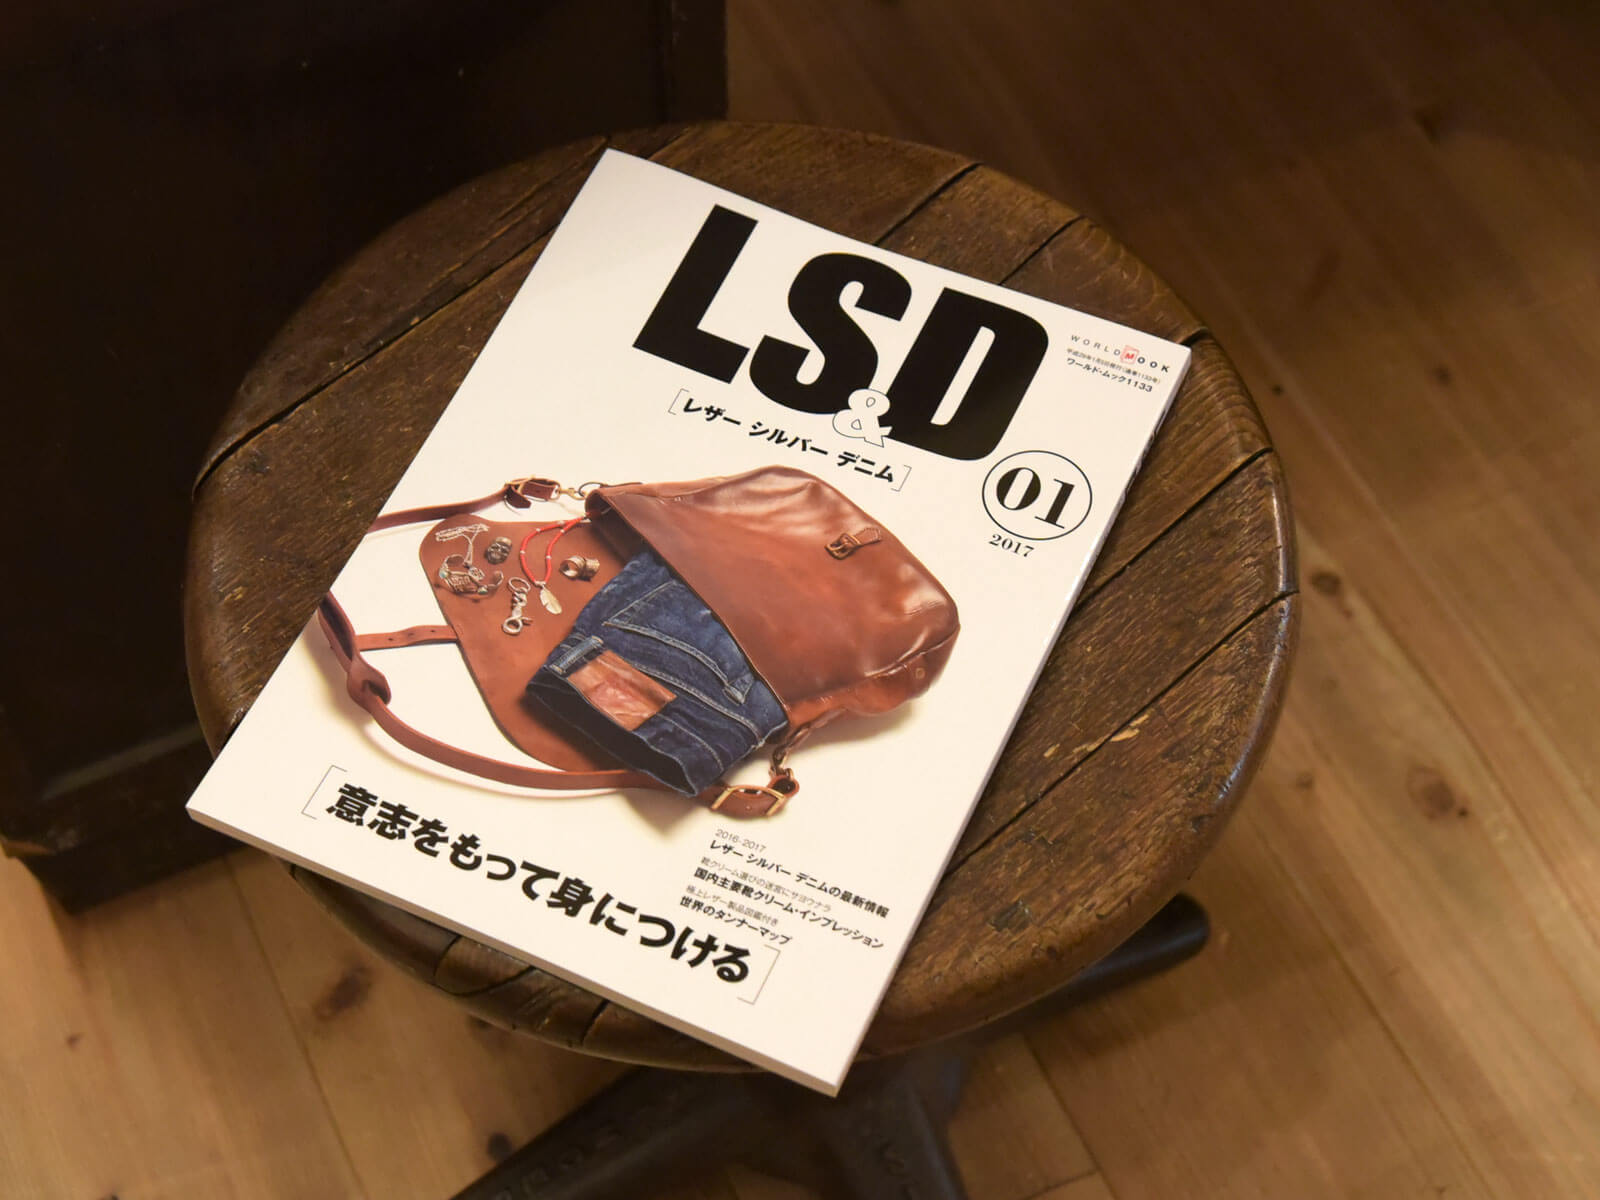 雑誌掲載のお知らせ「LS&D レザー シルバー デニム」